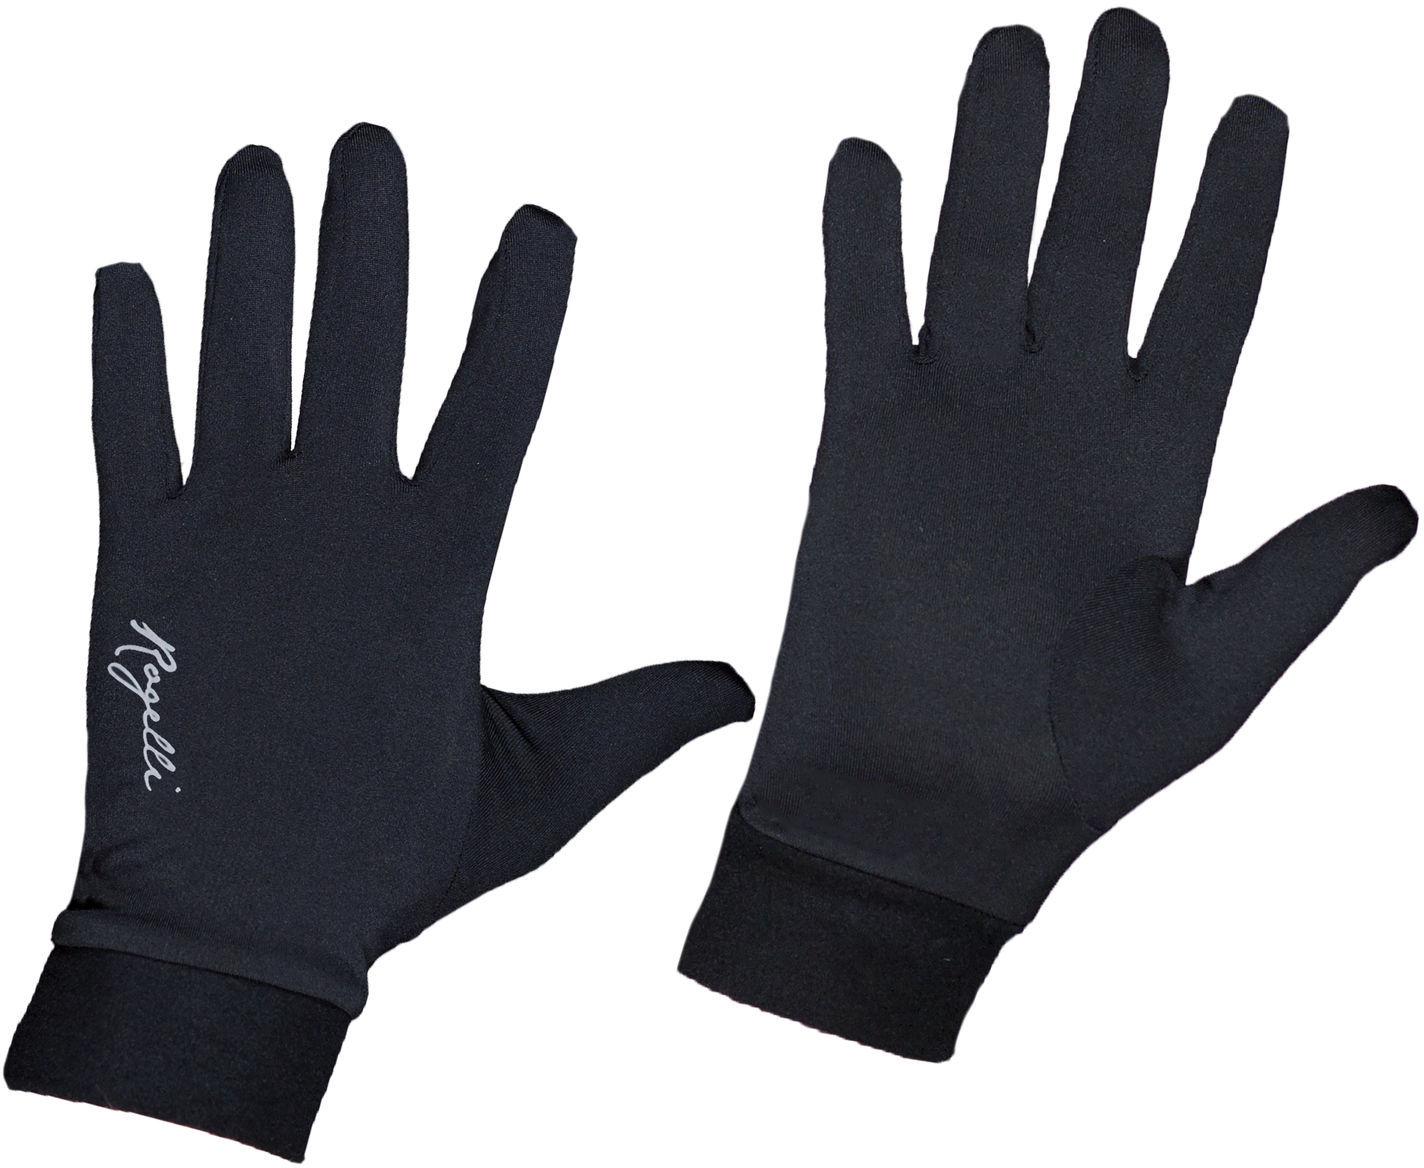 ROGELLI RUN OAKLAND 890.009 rękawiczki do biegania czarne Rozmiar: M,890-009